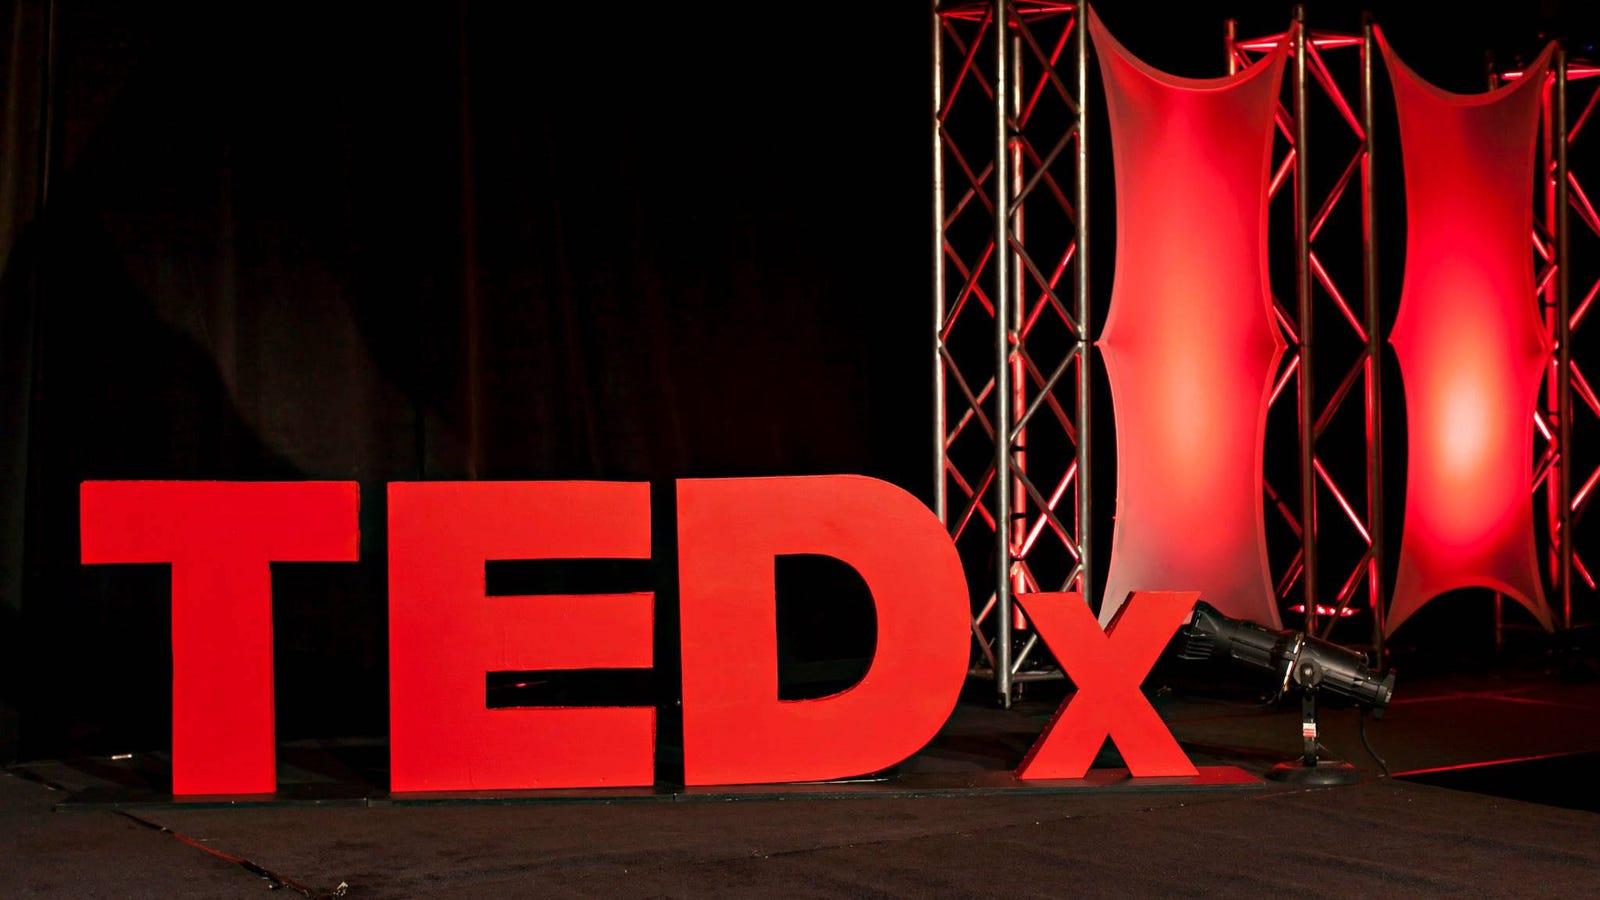 Las 10 charlas TED que deberías ver si no sabes qué hacer con tu vida (según TED)